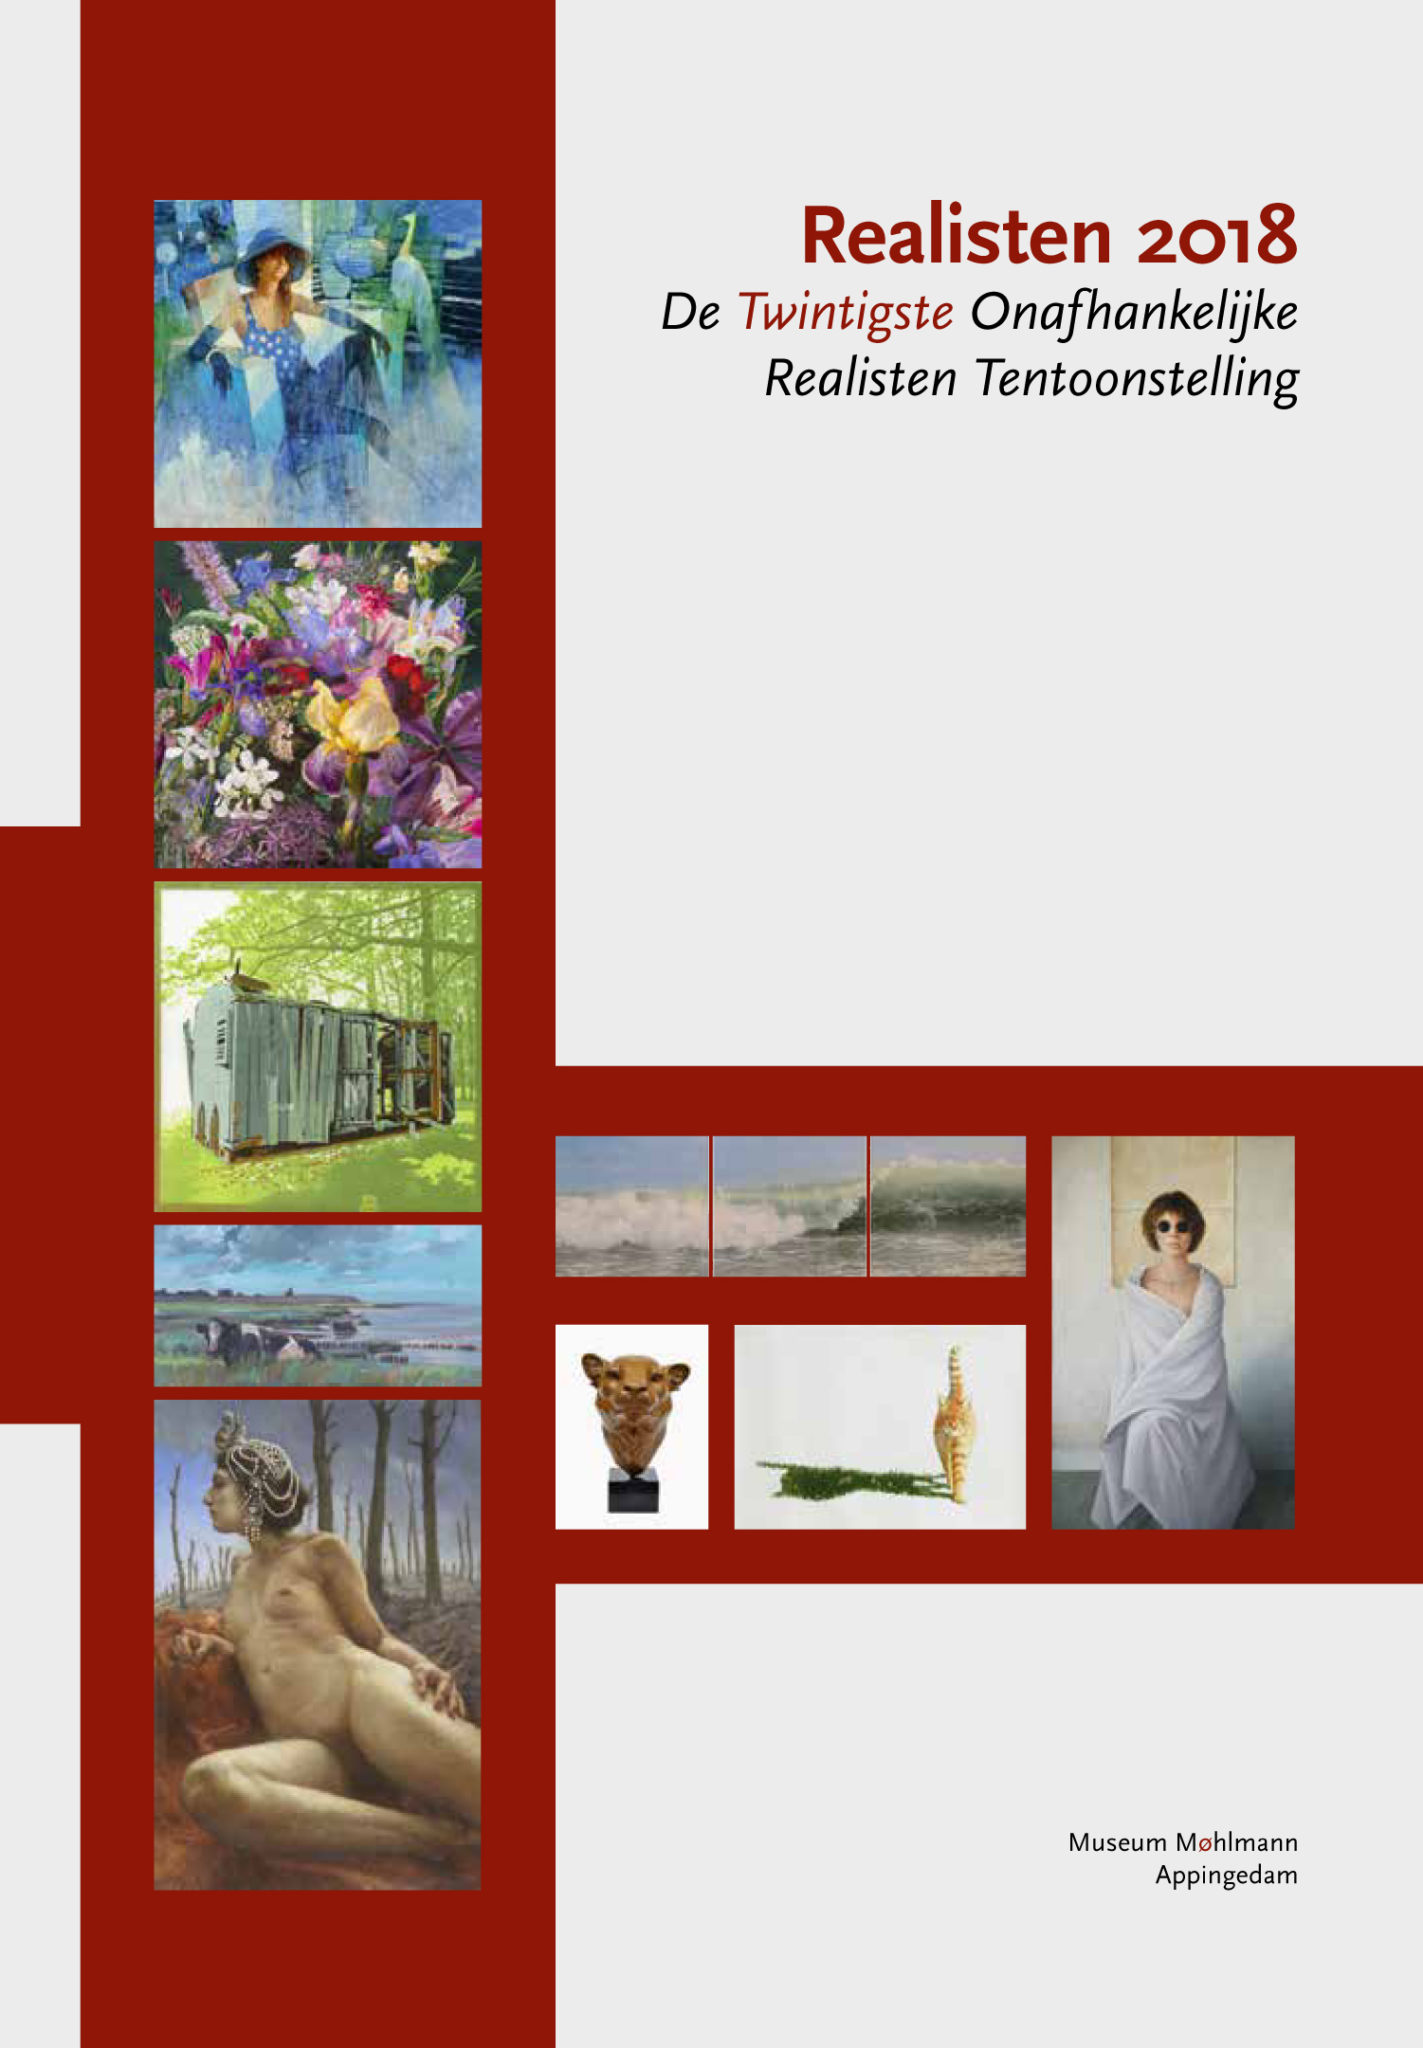 20e Onafhankelijke Realisten Tentoonstelling